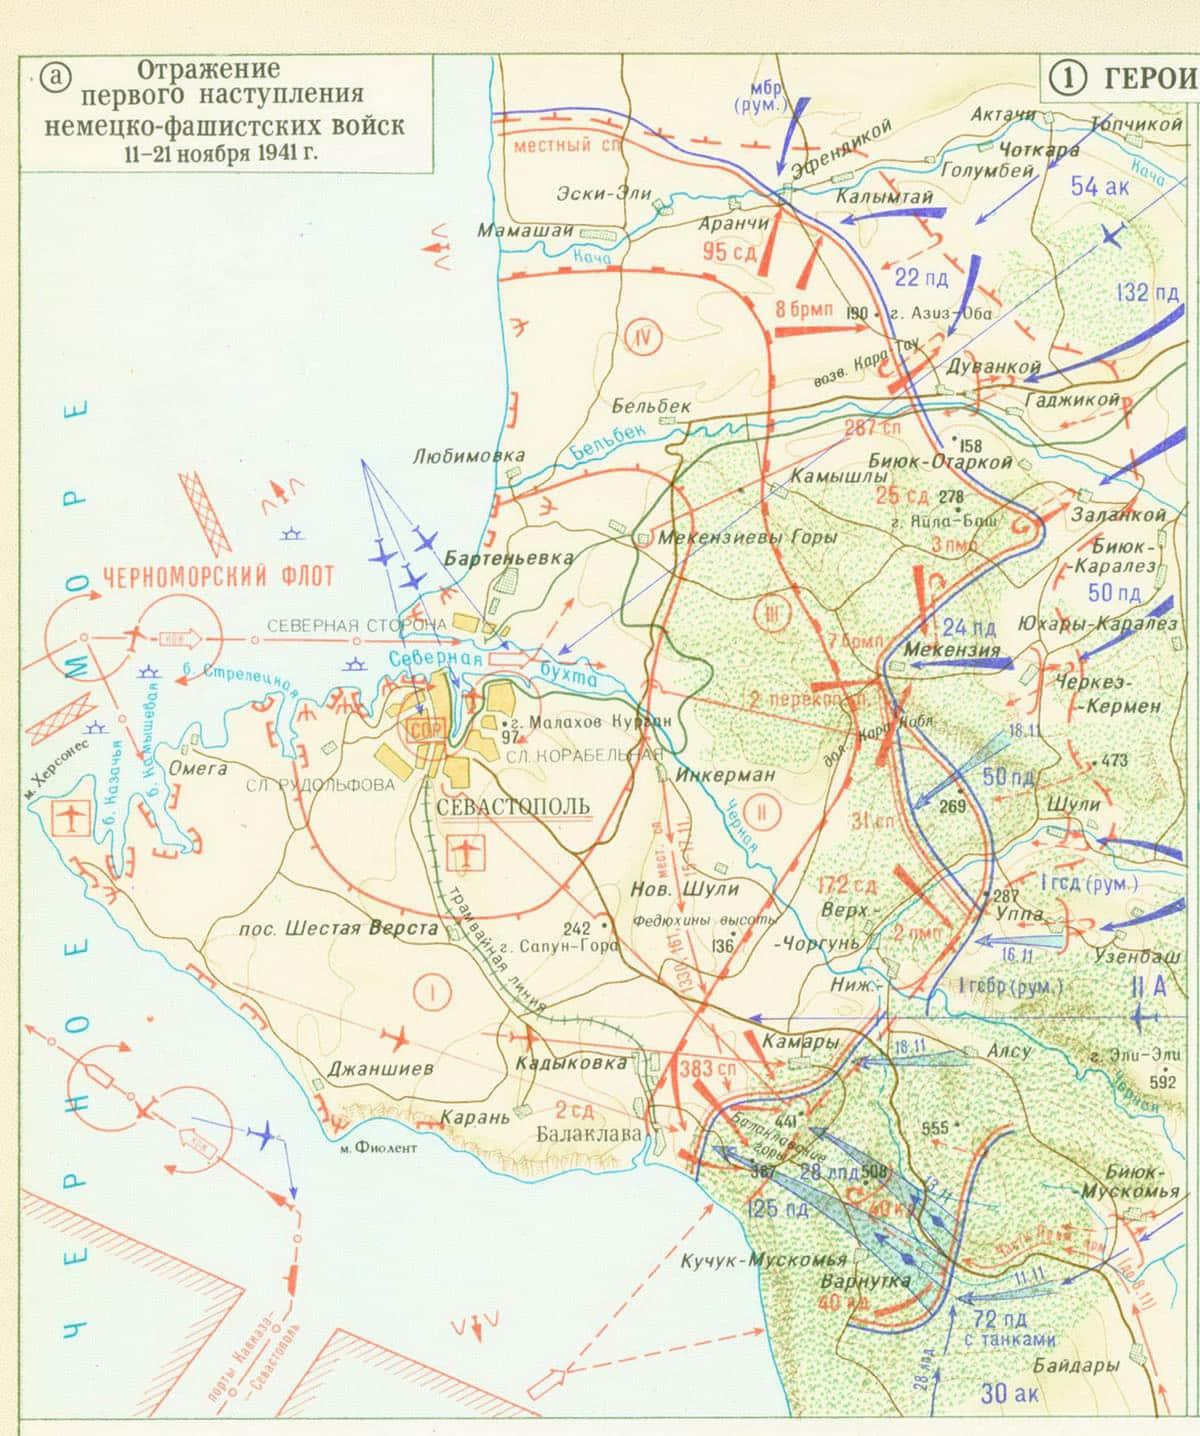 Отражение первого штурма Севастополя Севастополя 11-21 ноября 1941 года